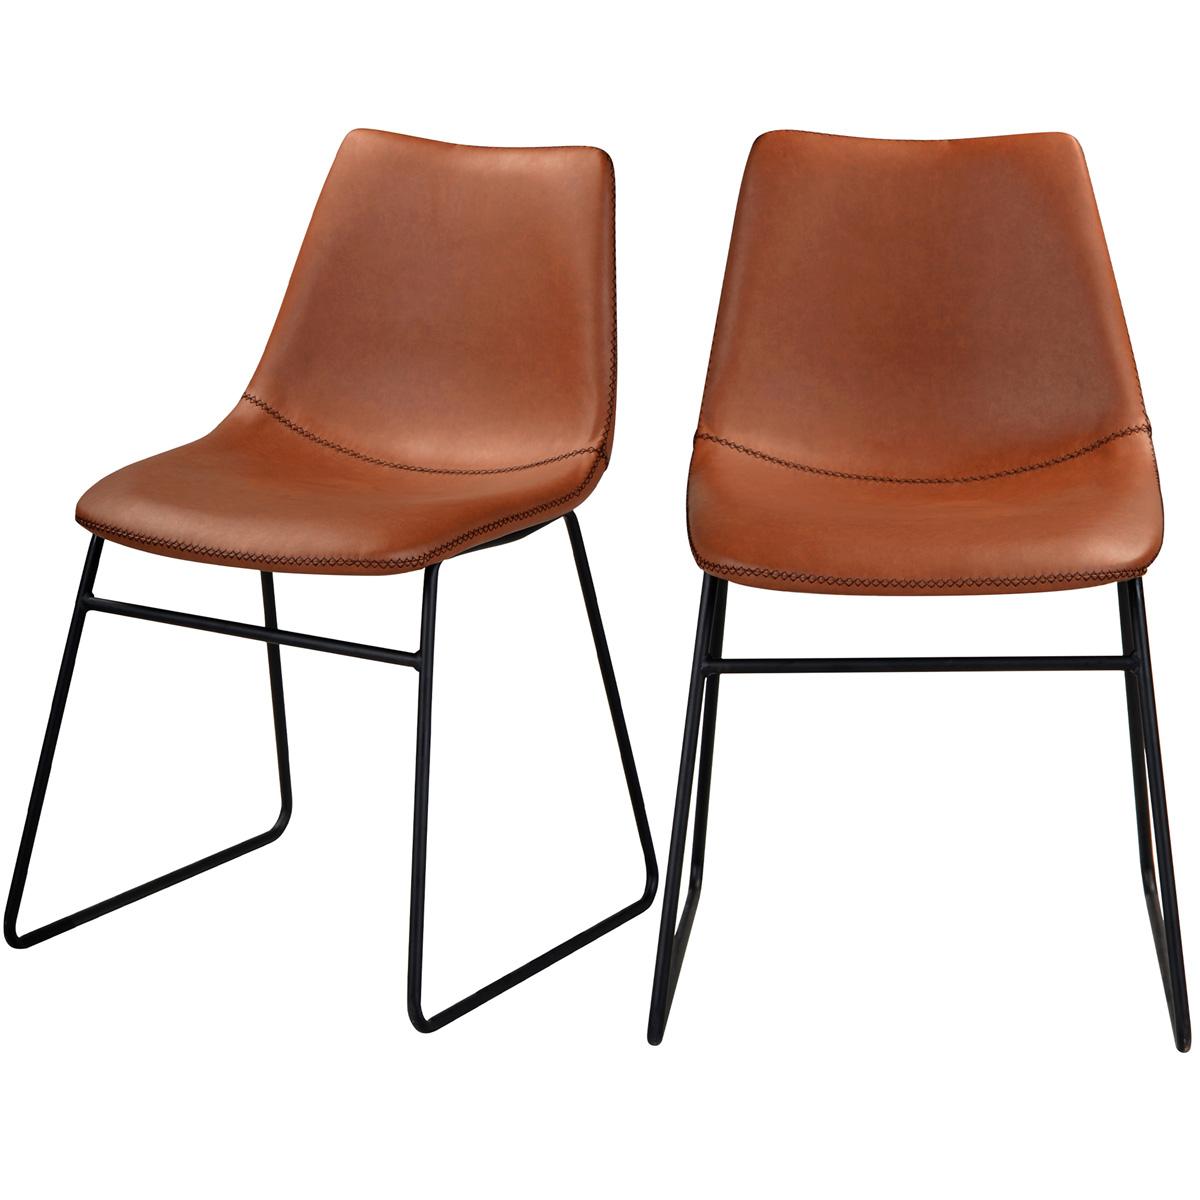 Chaise en cuir synthétique marron (lot de 2)